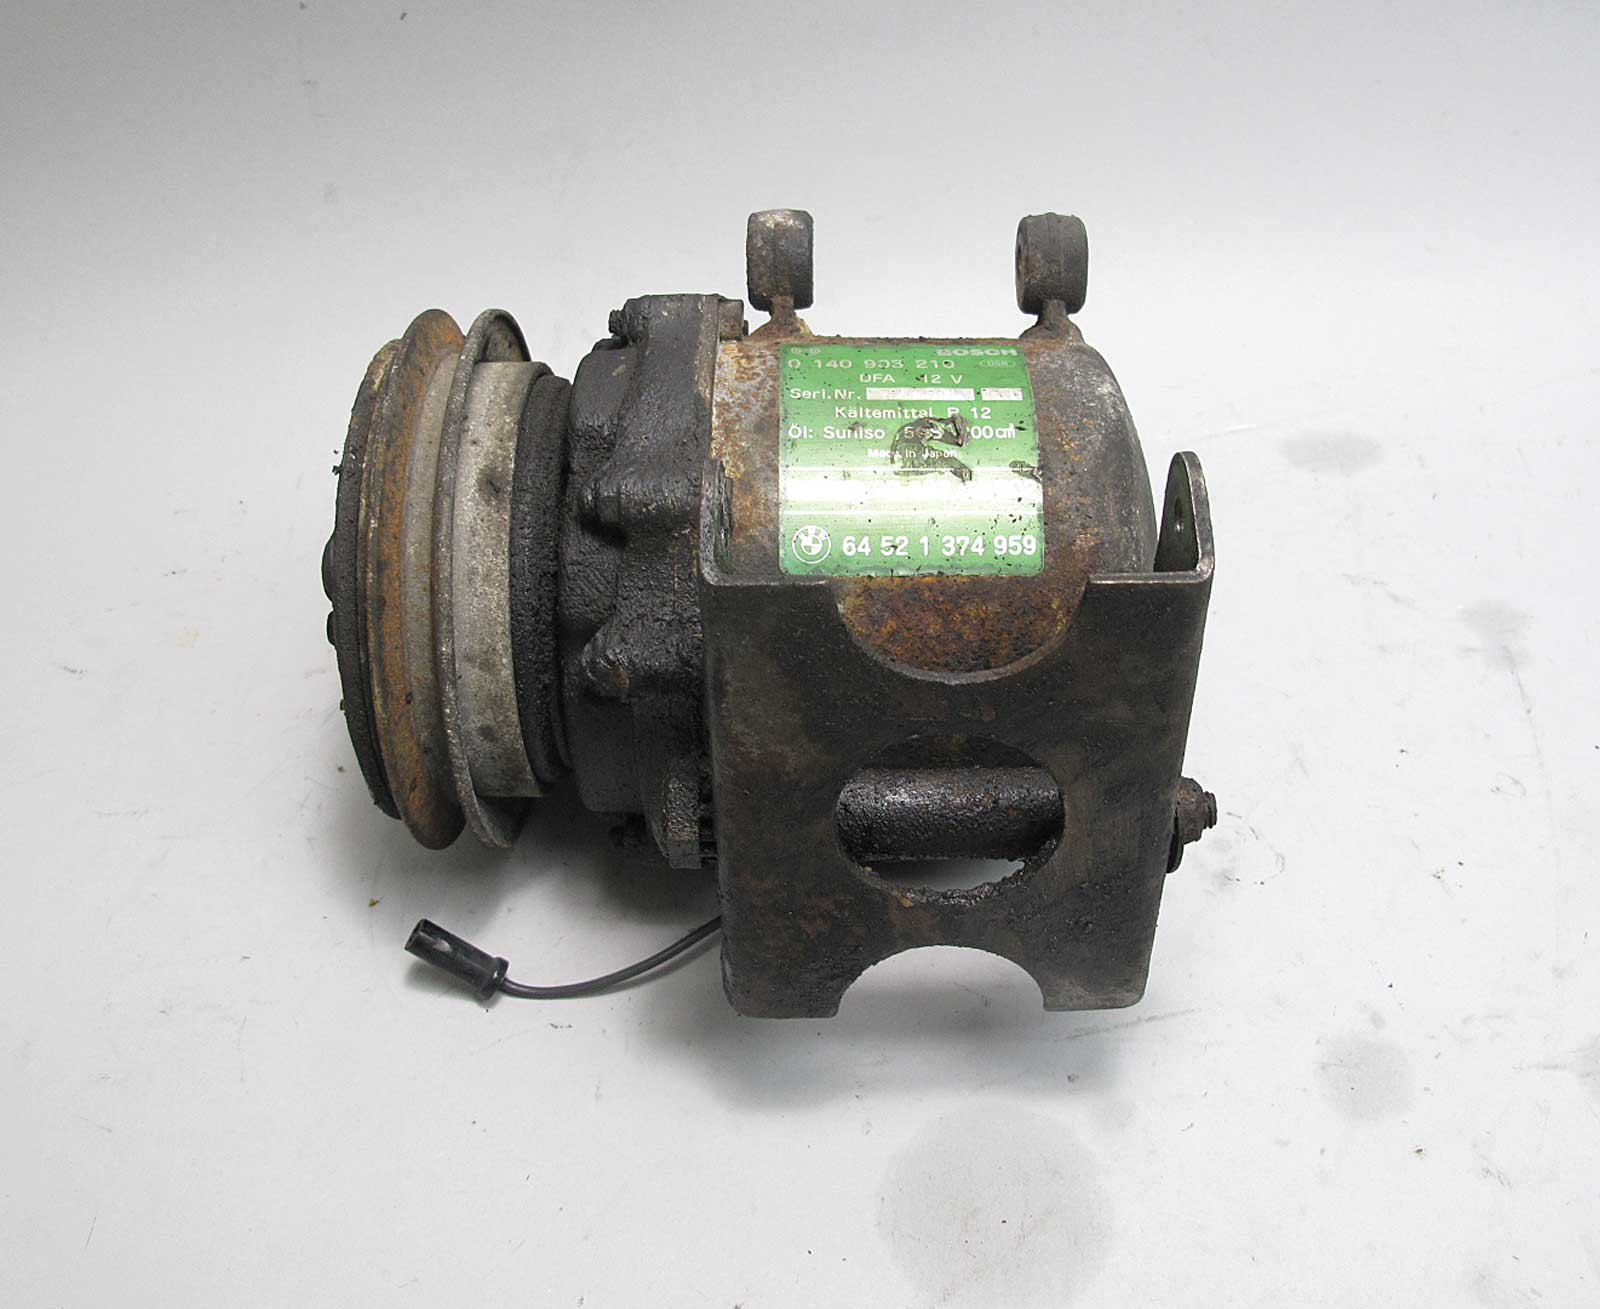 E30 Ac Compressor Wiring Schematics Diagrams E36 A C Diagram Bmw Bosch Behr Single Wire Pump E28 1982 2007 Eclipse